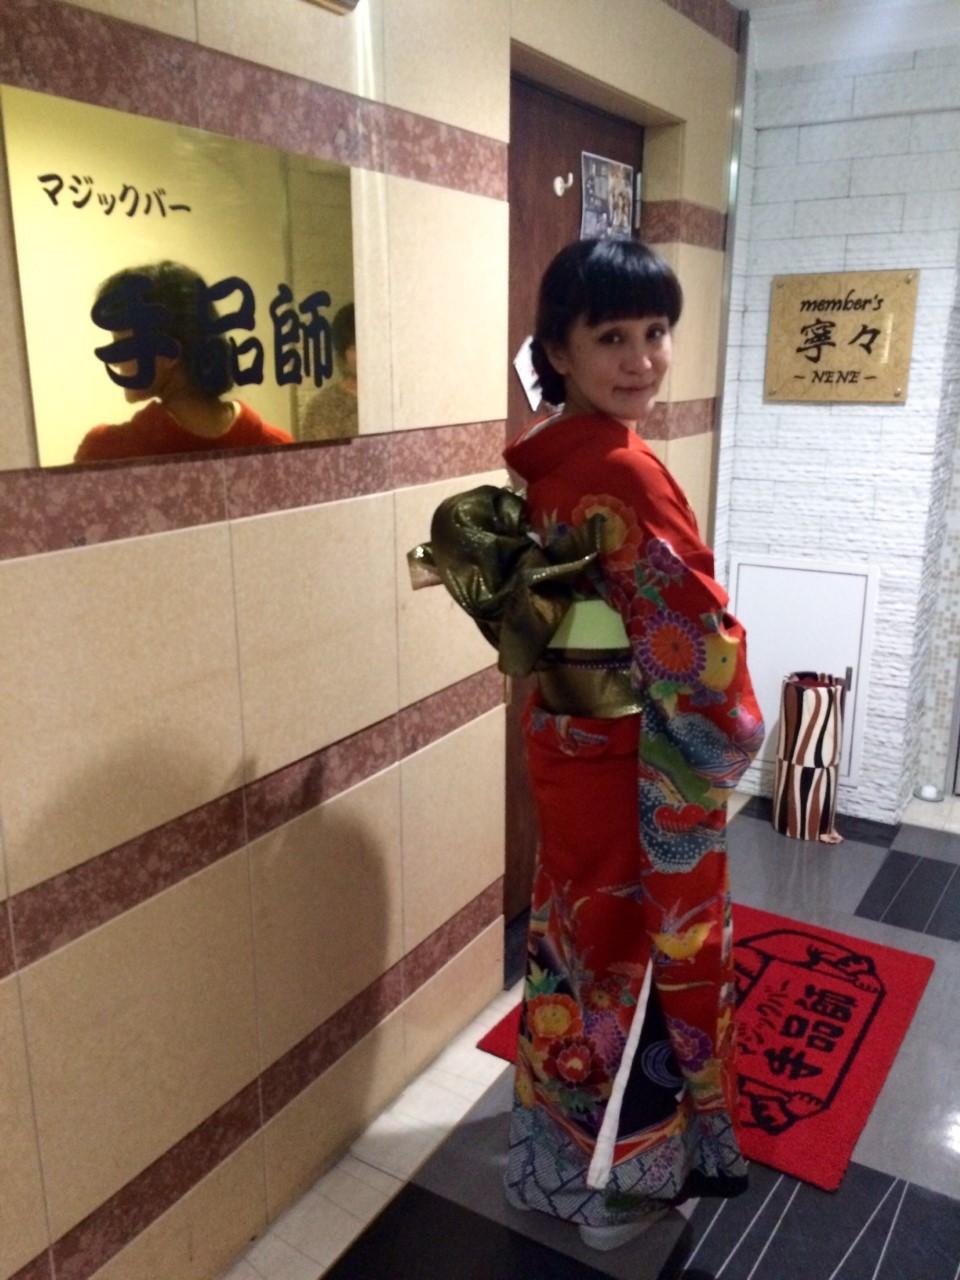 nagoya11.jpg